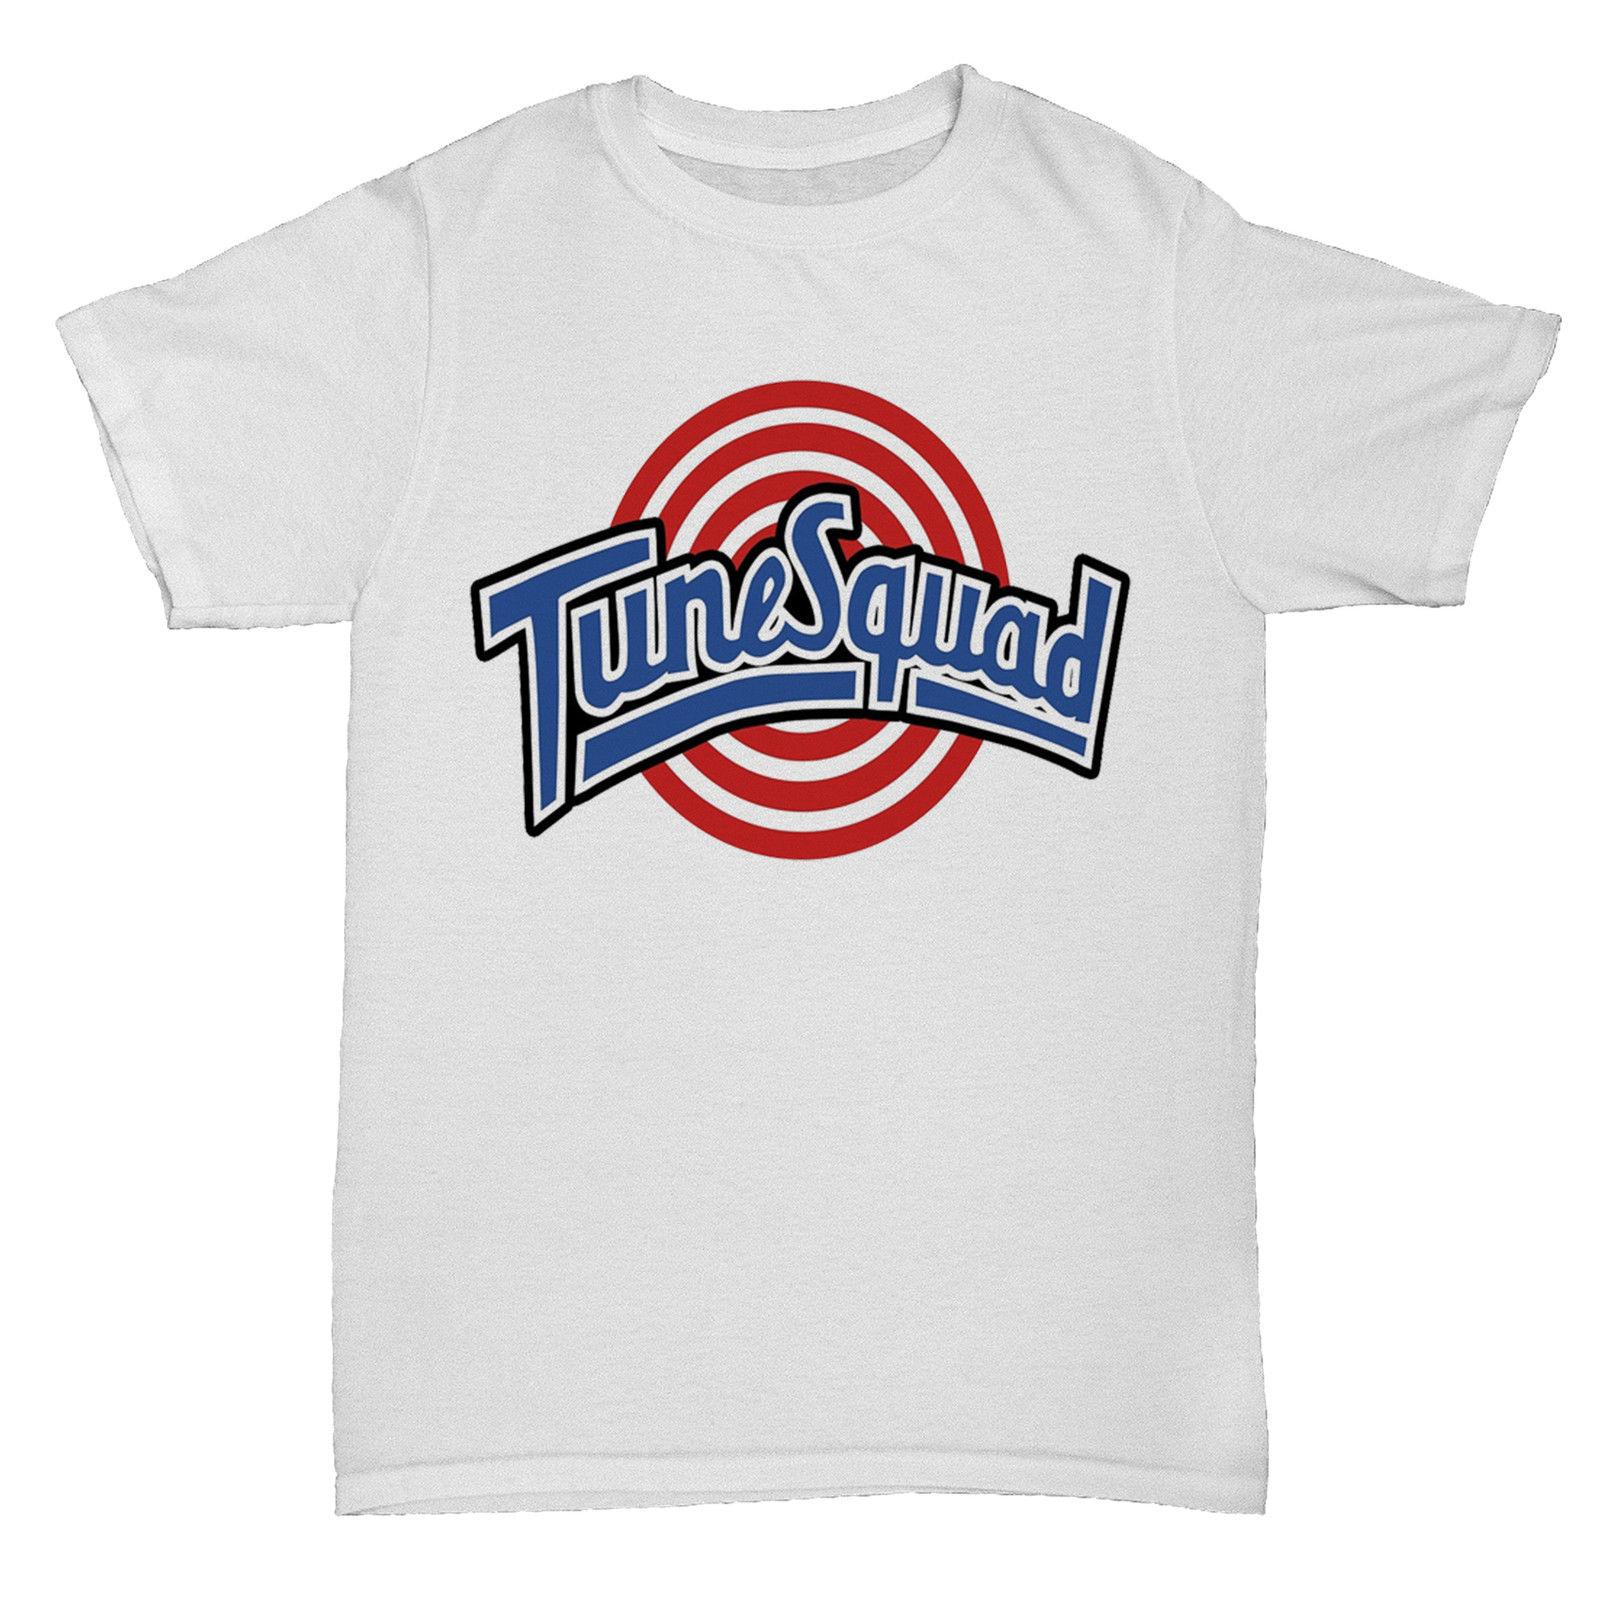 TUNE SQUAD Вдохновленный SPACE JAM 90 s кино Ретро культ Баскетболисту футболка новые летние Для мужчин хлопковая Футболка